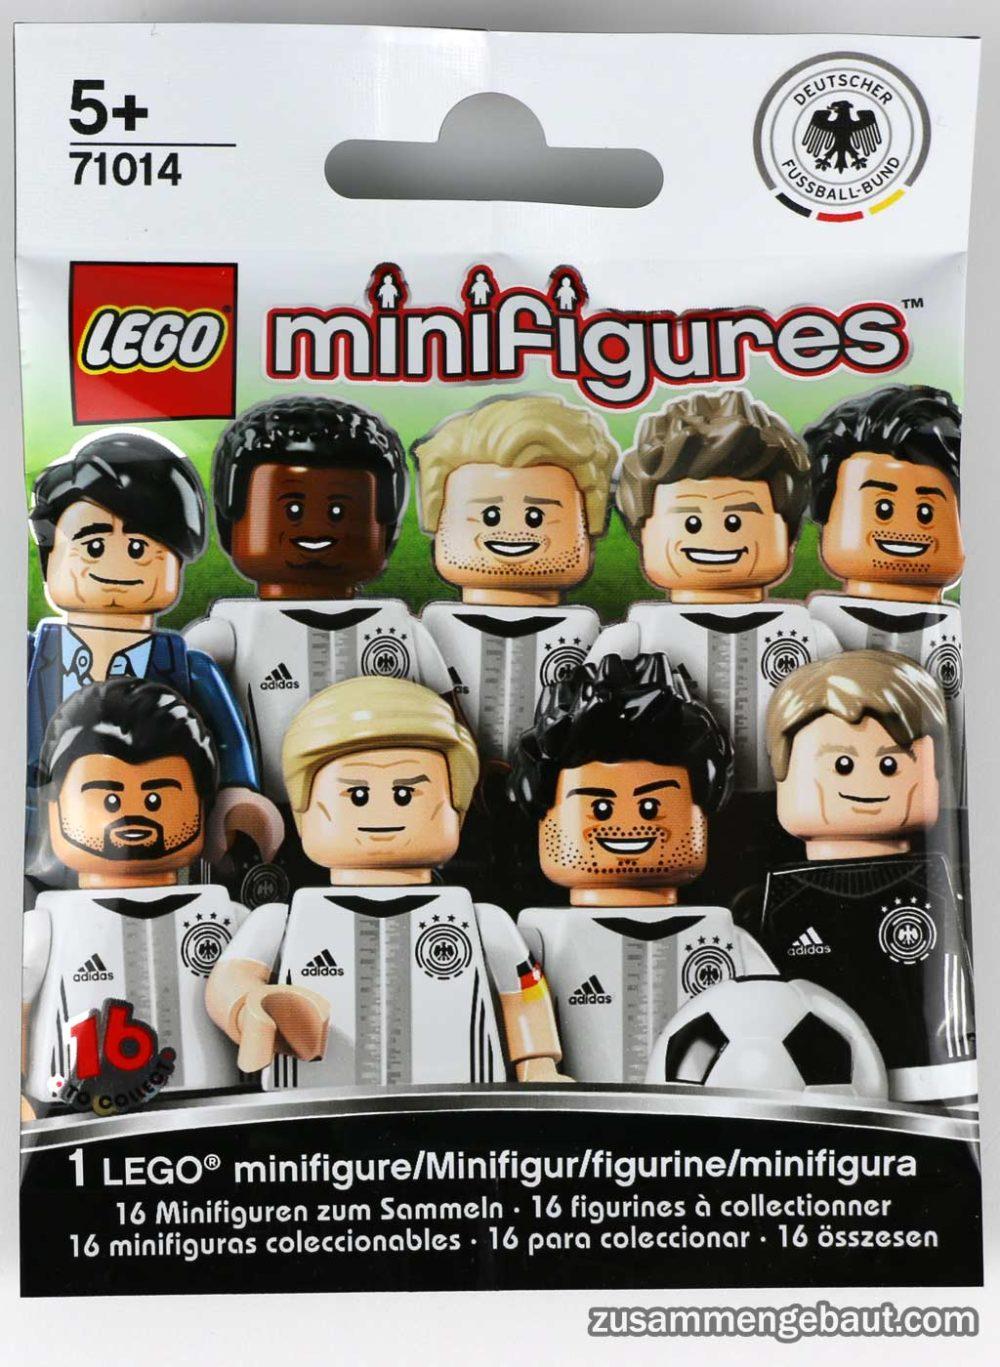 Lego Dfb Minifiguren Die Mannschaft 71014 Alle Infos Zur Box